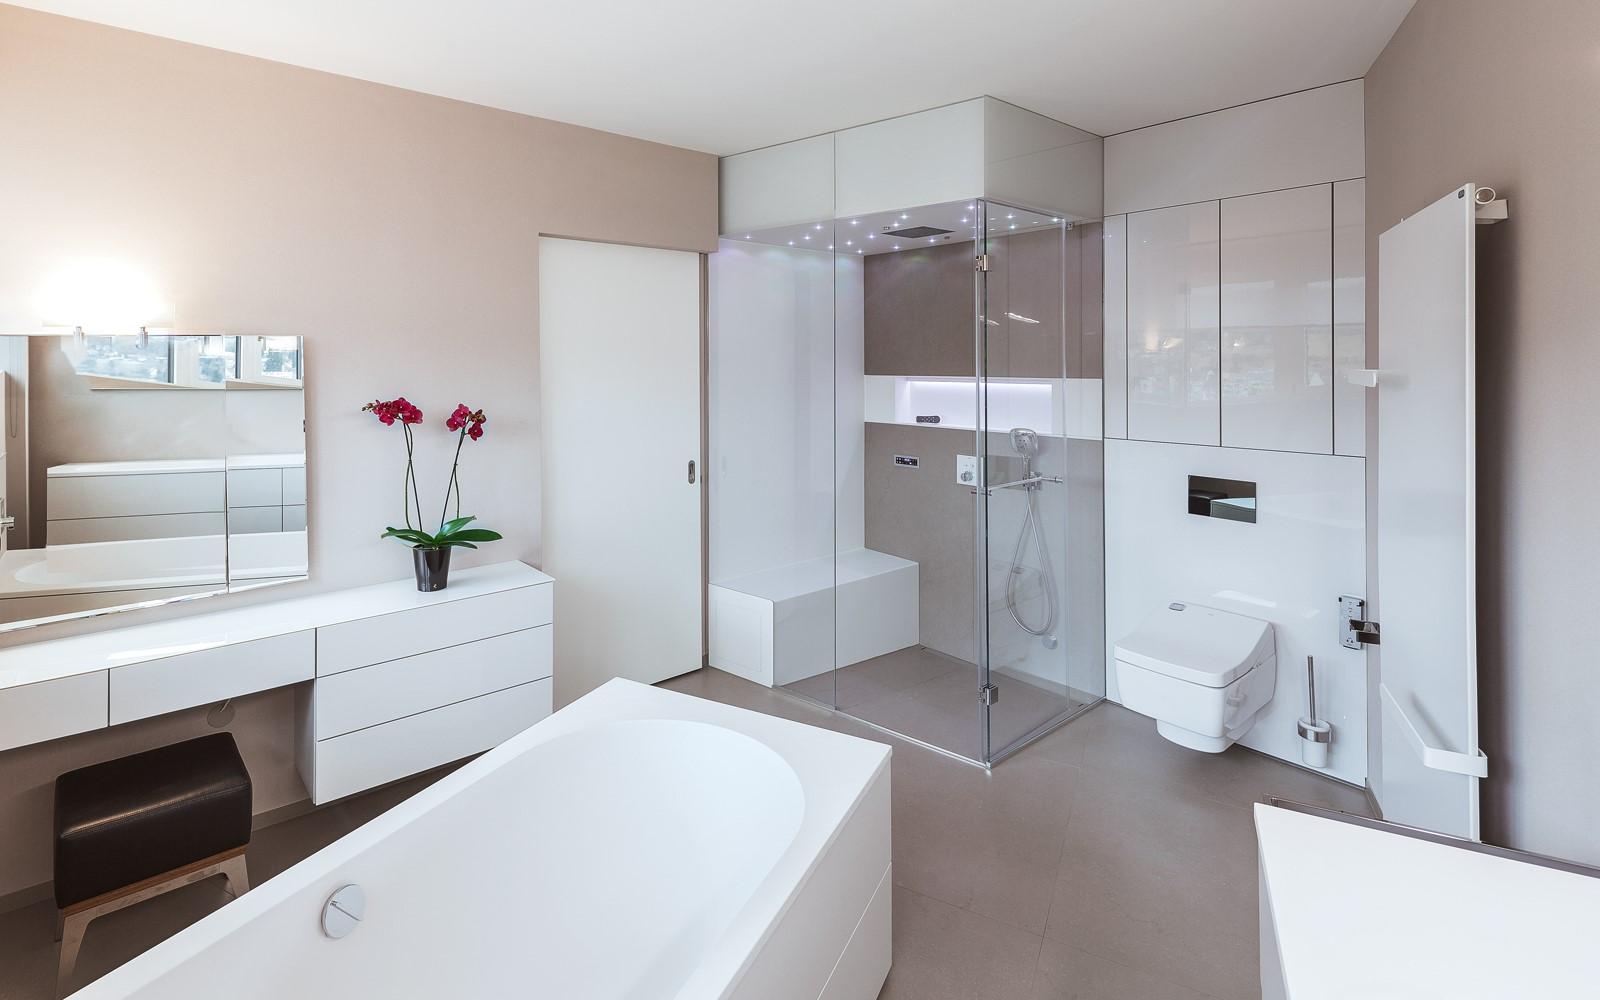 referenzen-badezimmer/komplettbad-basel | Issler | Grenzach-Wyhlen ...